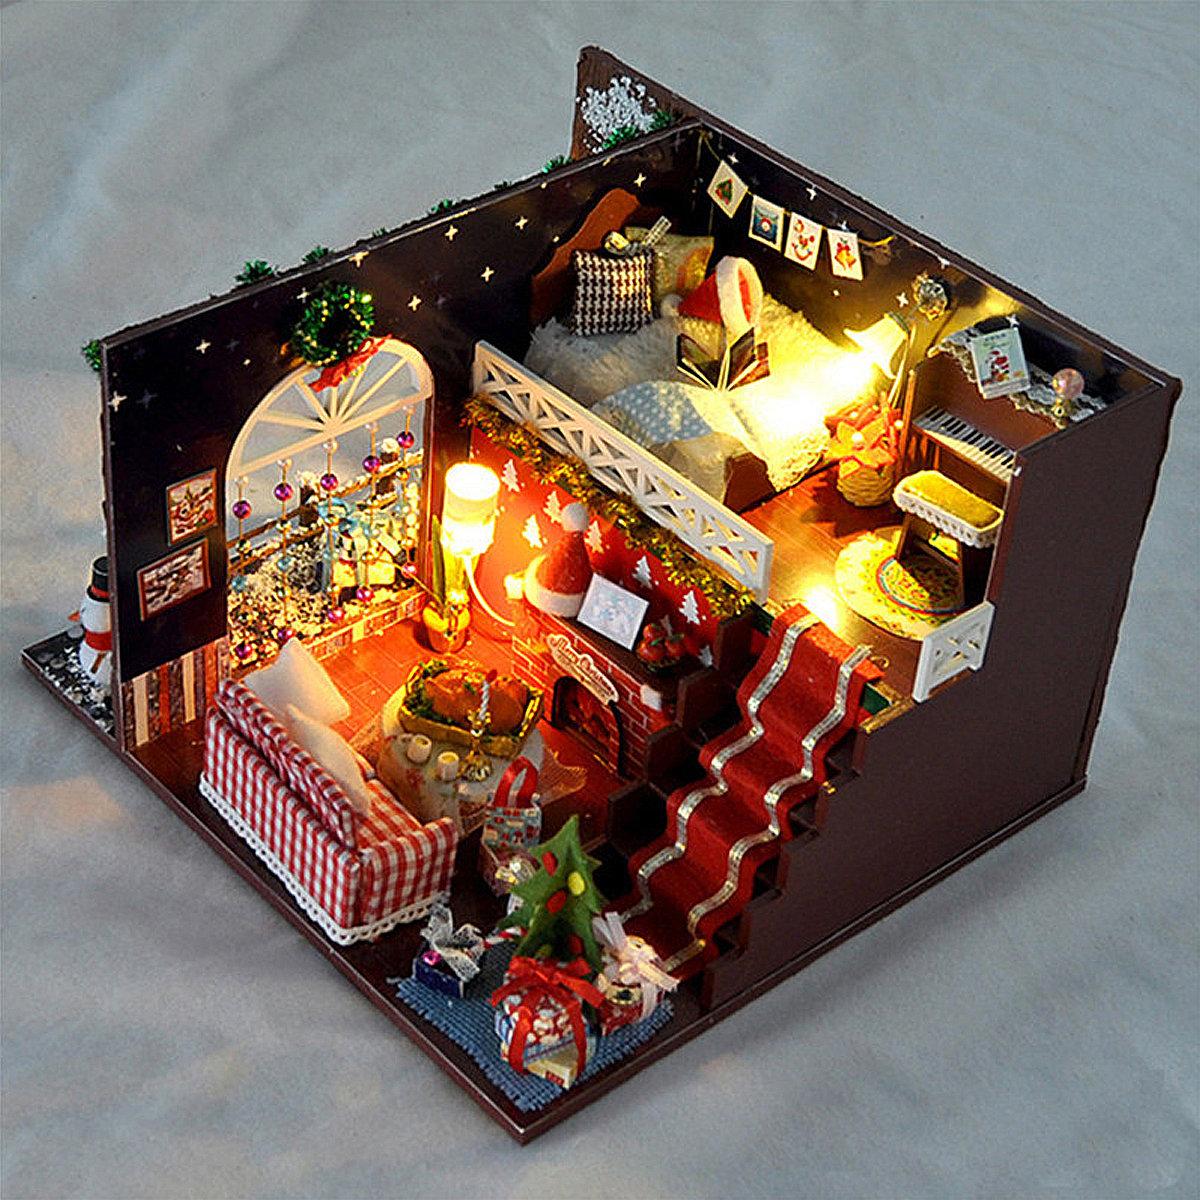 T Yu Diy Kits Maison De Noel Decoration Miniature En Bois Maison De Poupee Jouets Pour Enfants Cadeau Jouet